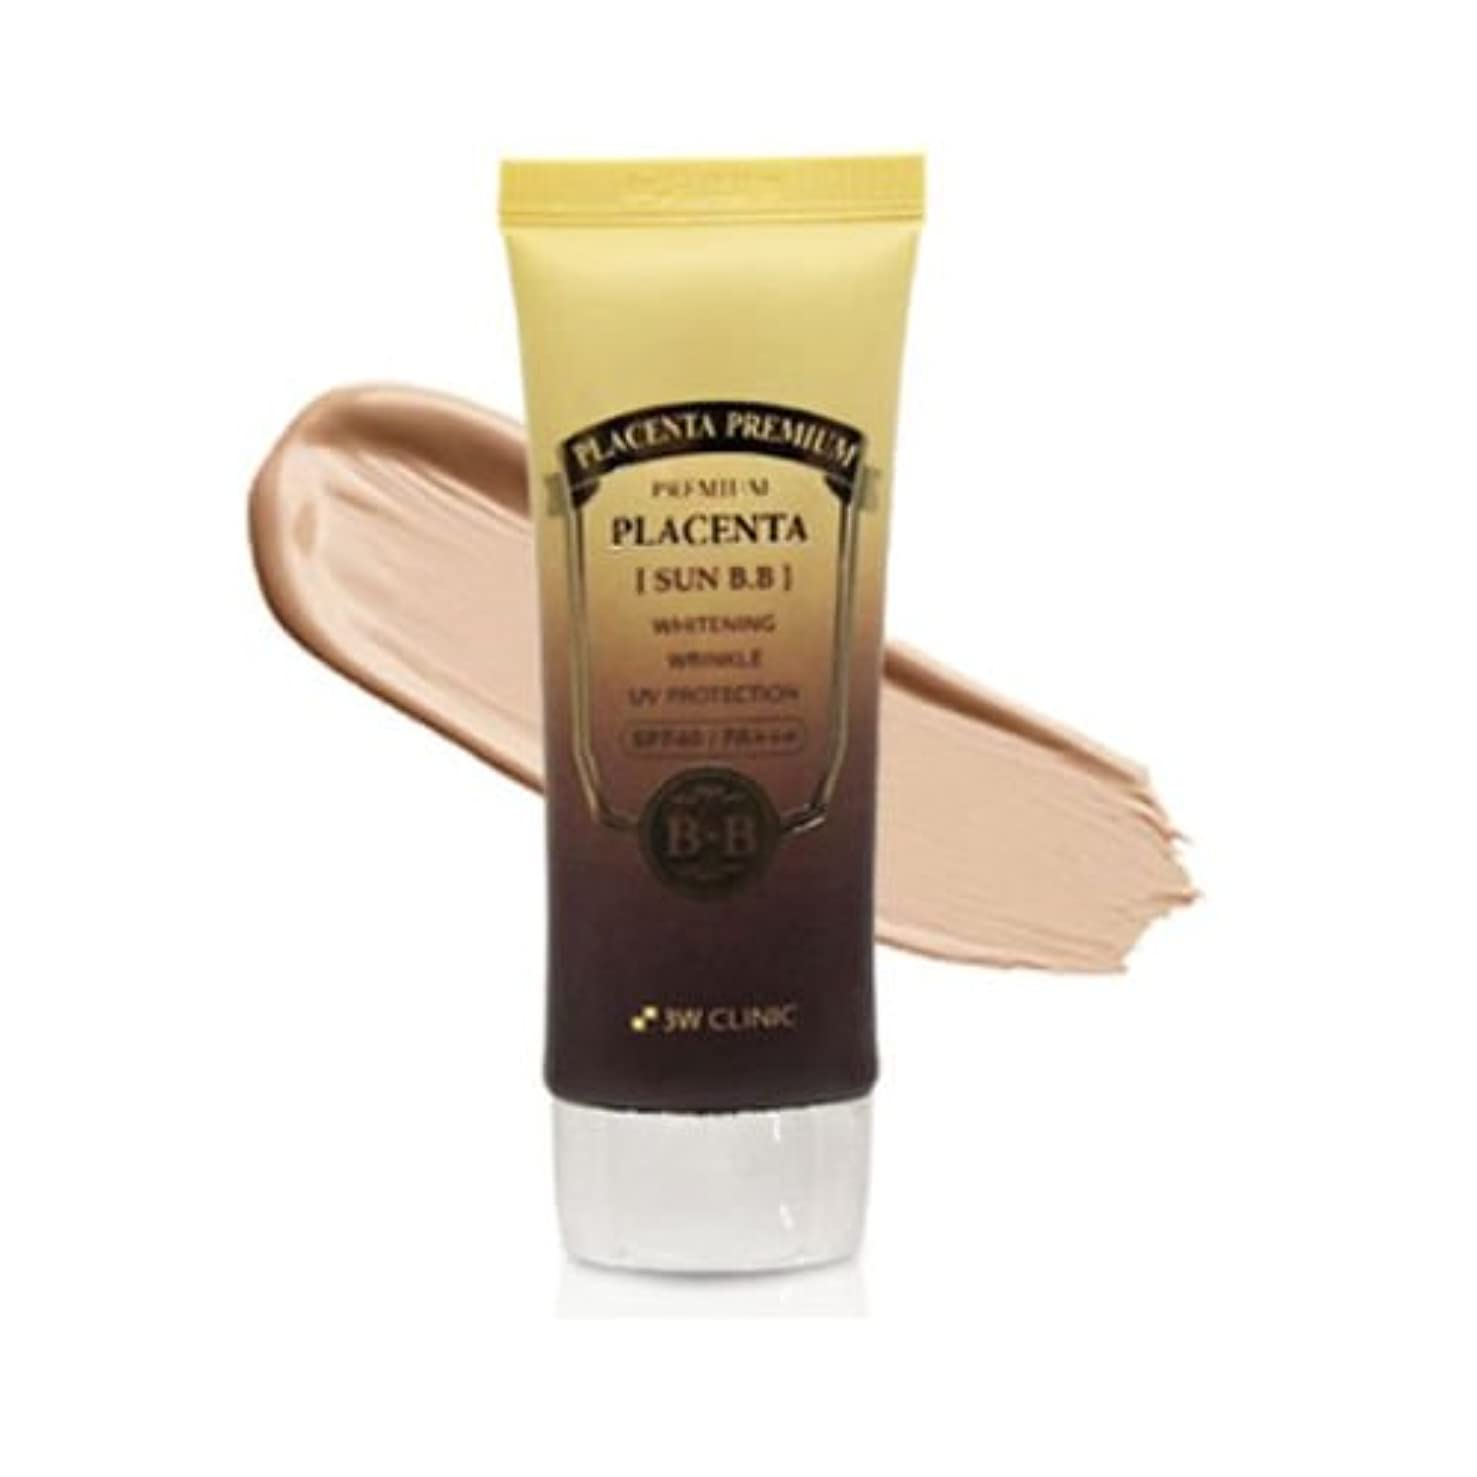 コーンウォール離婚暖かく3Wクリニック[韓国コスメ3w Clinic]Premium Placenta Sun BB Cream プレミアムプラセンタサンBBクリーム70ml SPF40 PA+++ UV しわ管理[並行輸入品]